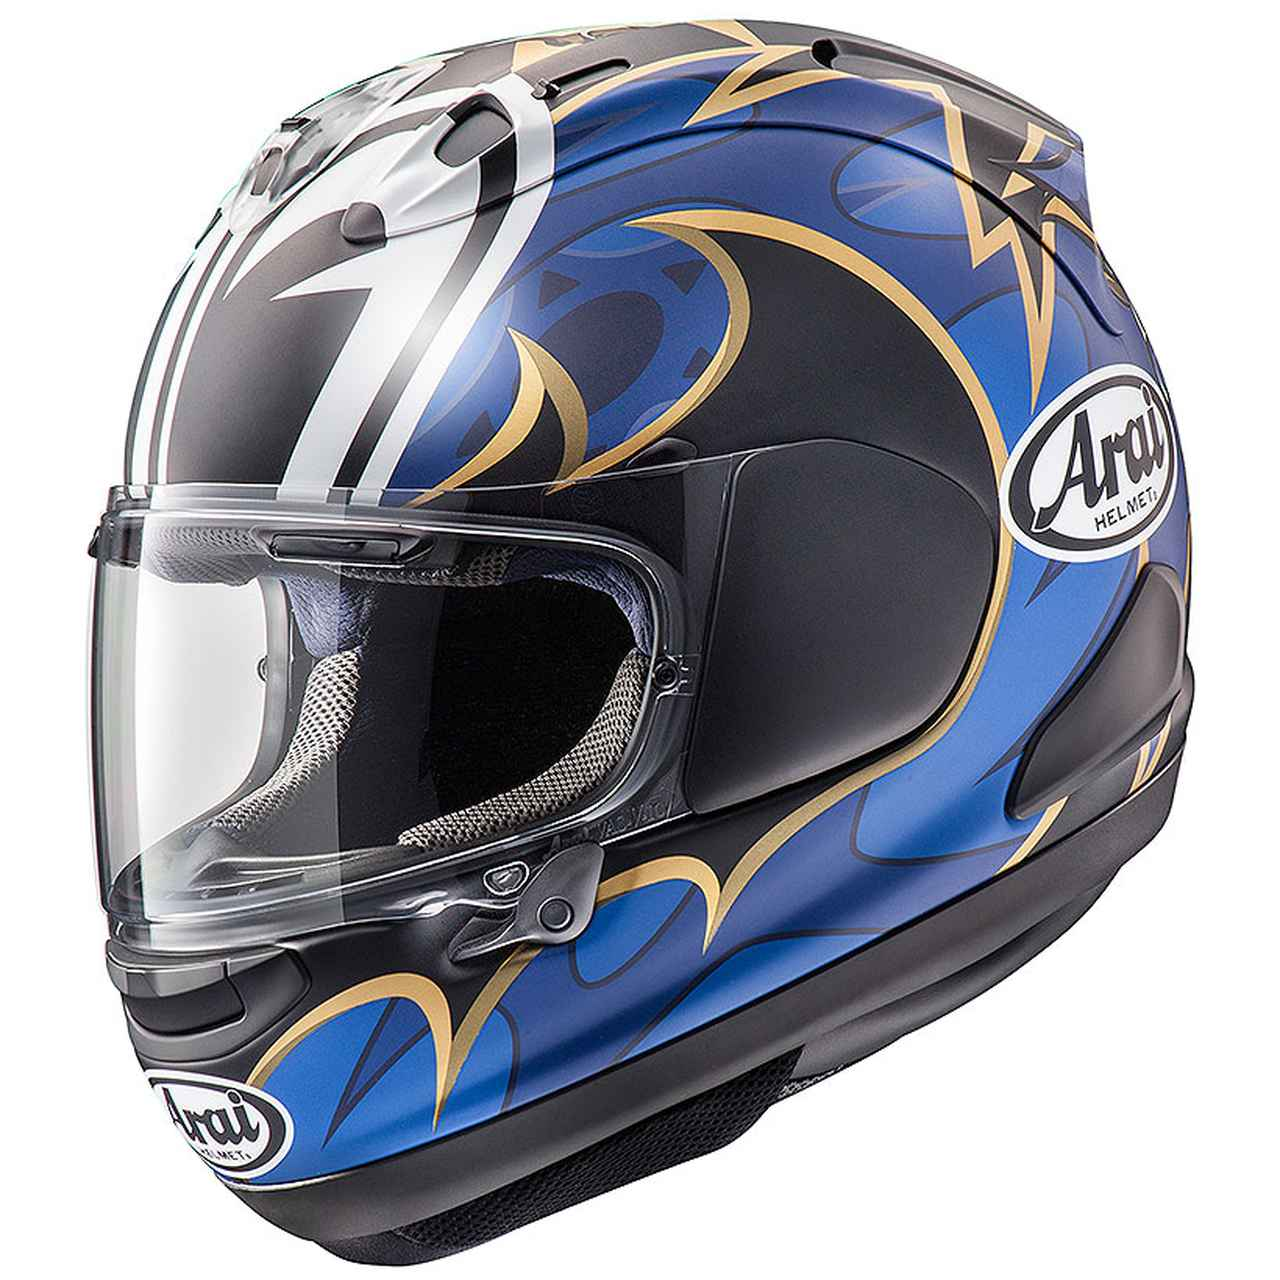 画像1: 全日本ロードレースを代表する中須賀克行選手のレプリカヘルメットがアライ「VZ-RAM」で新登場!!